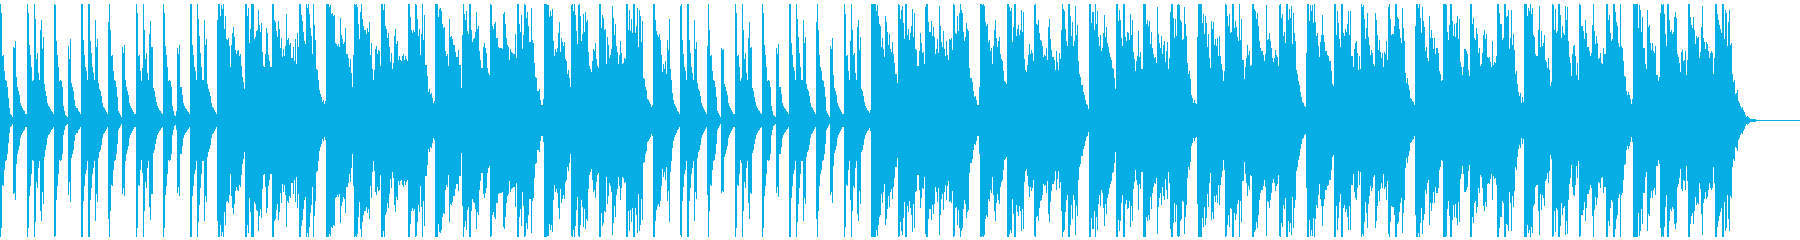 勇壮クラップ&ストンプ&コーラスアンセムの再生済みの波形